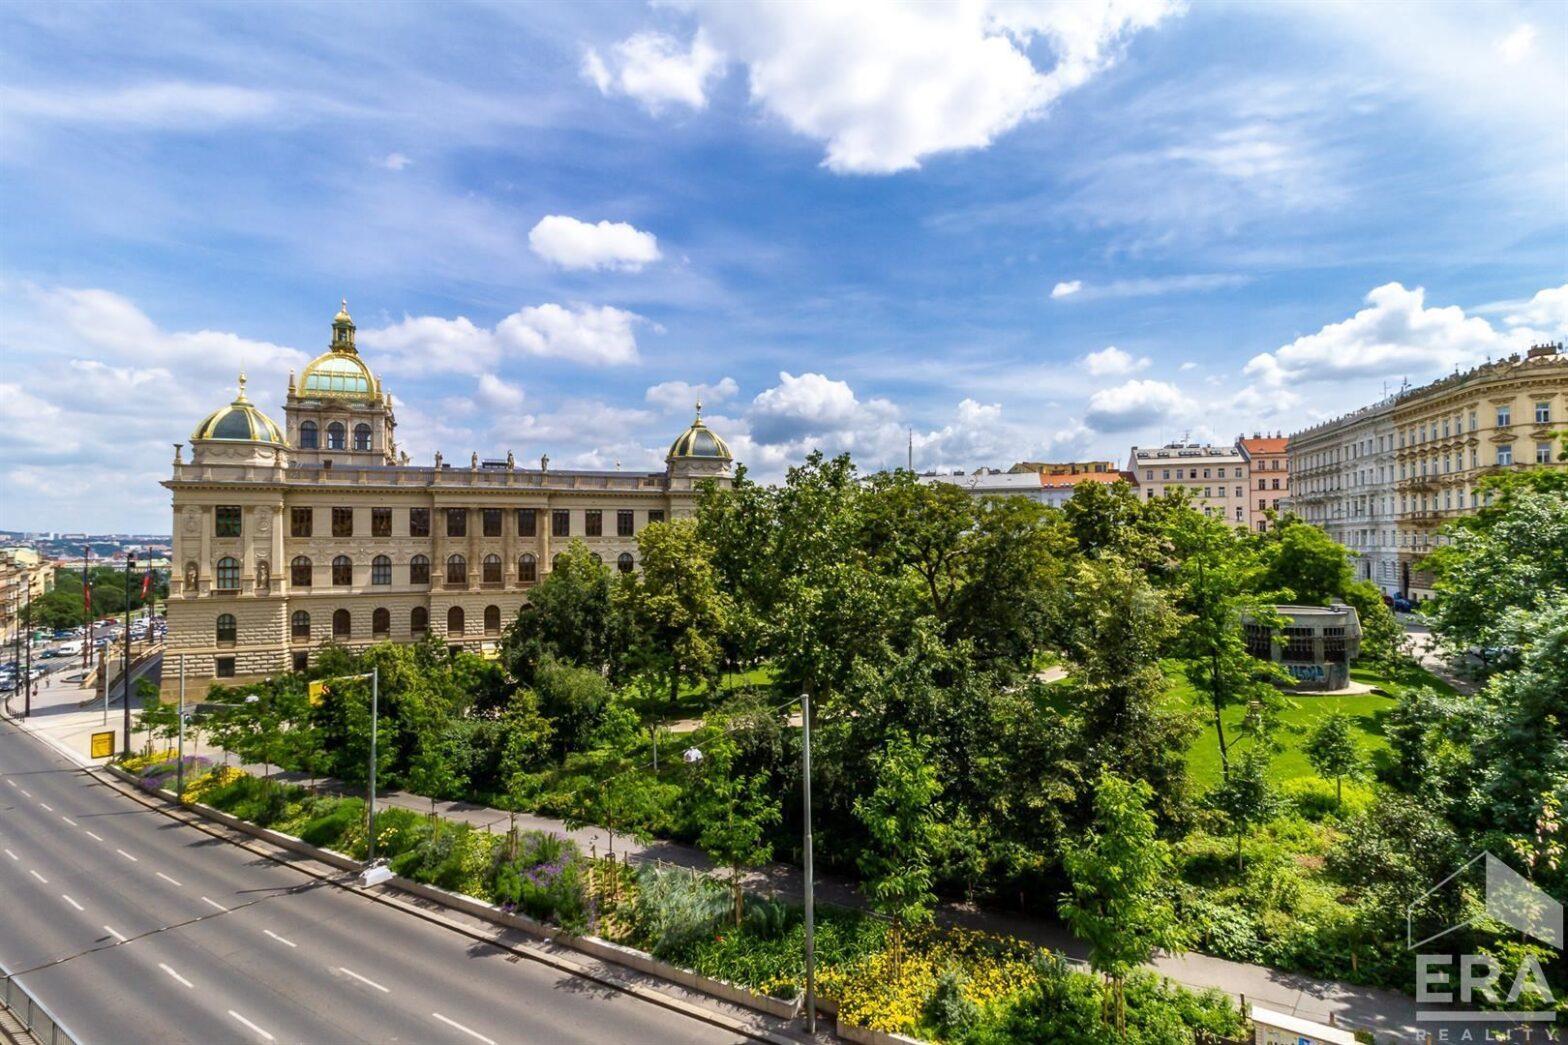 Dlouhodobý pronájem bytu 1+1, 62 m2, výhled do parku, Praha 1 u Václavského náměstí